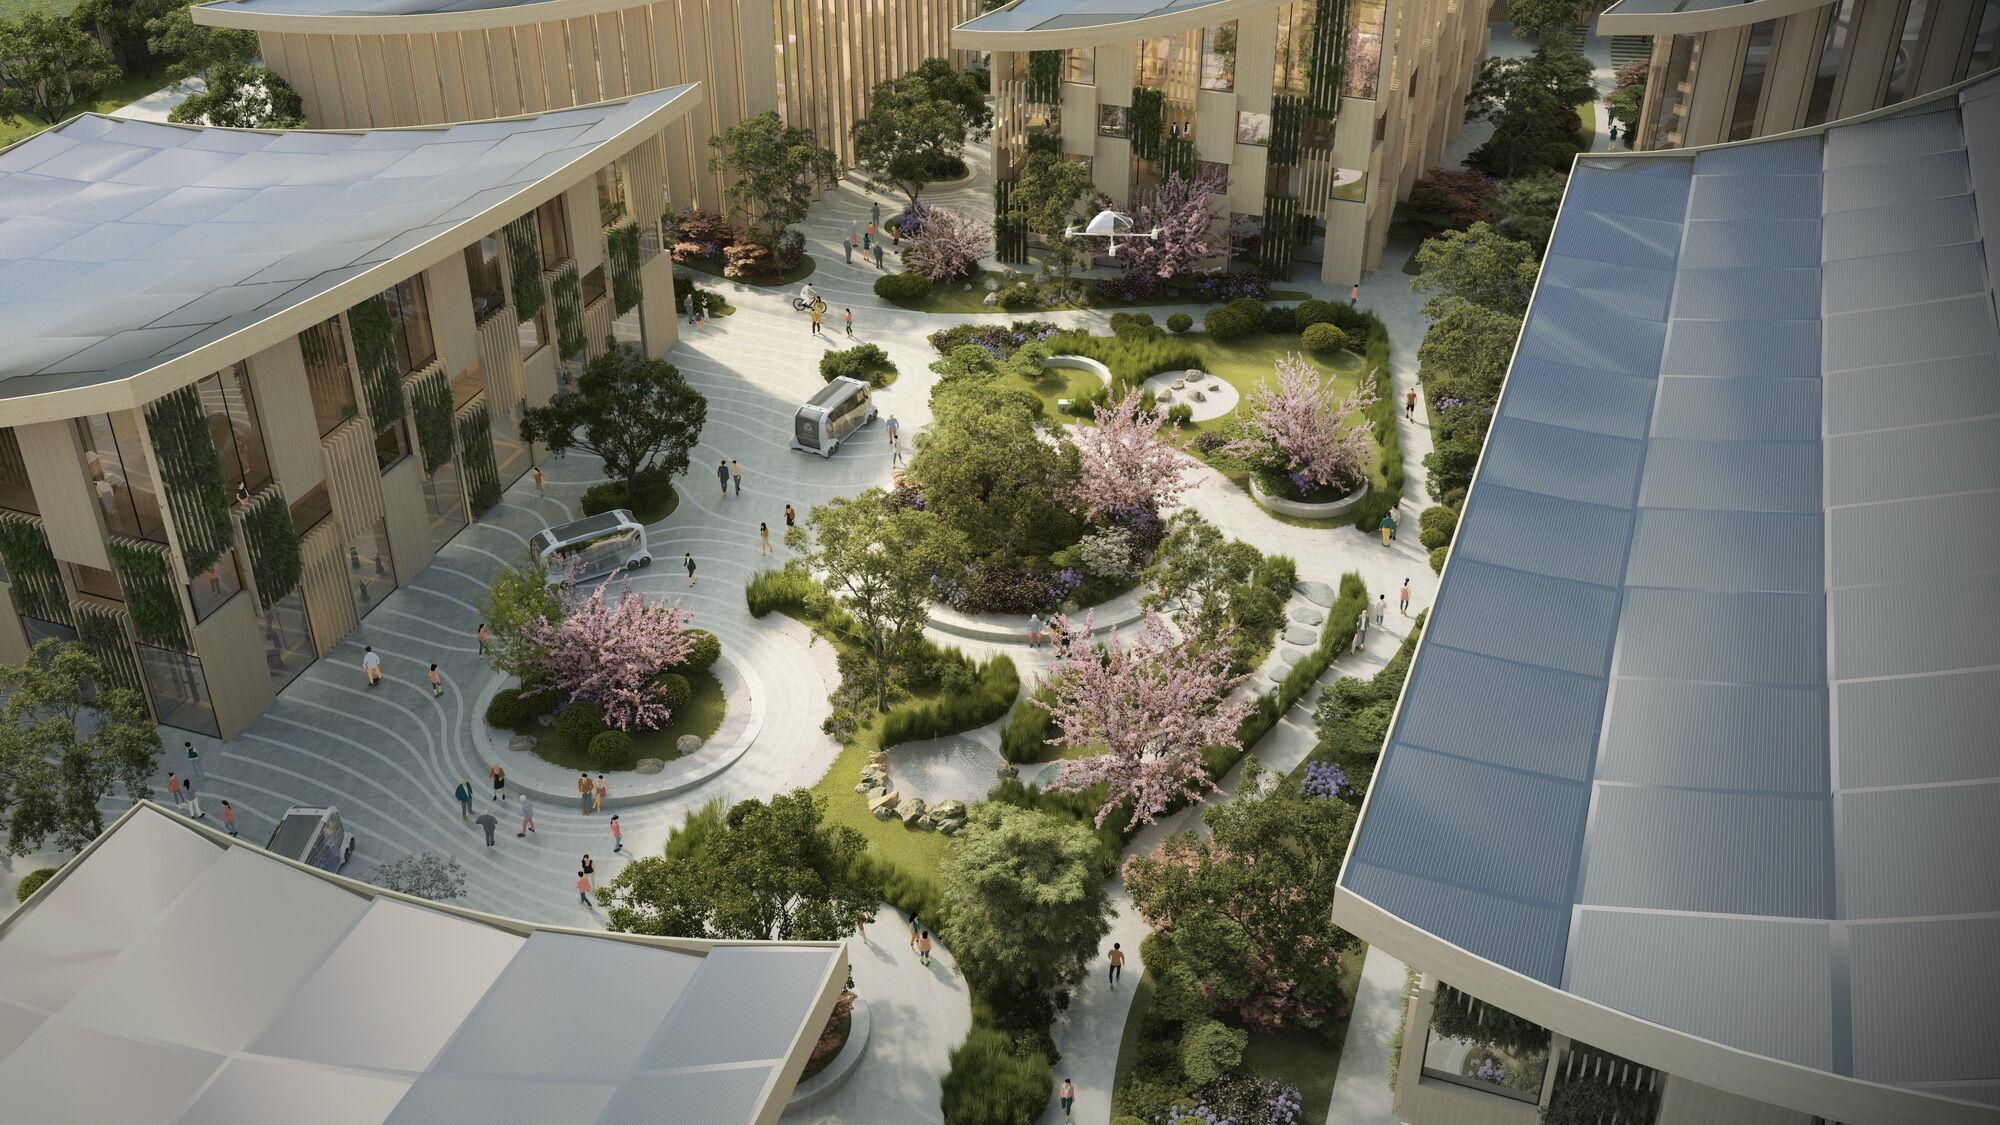 Для отдыха жителей предусмотрено несколько парков и большая центральная площадь, на которой будут устраивать различные мероприятия